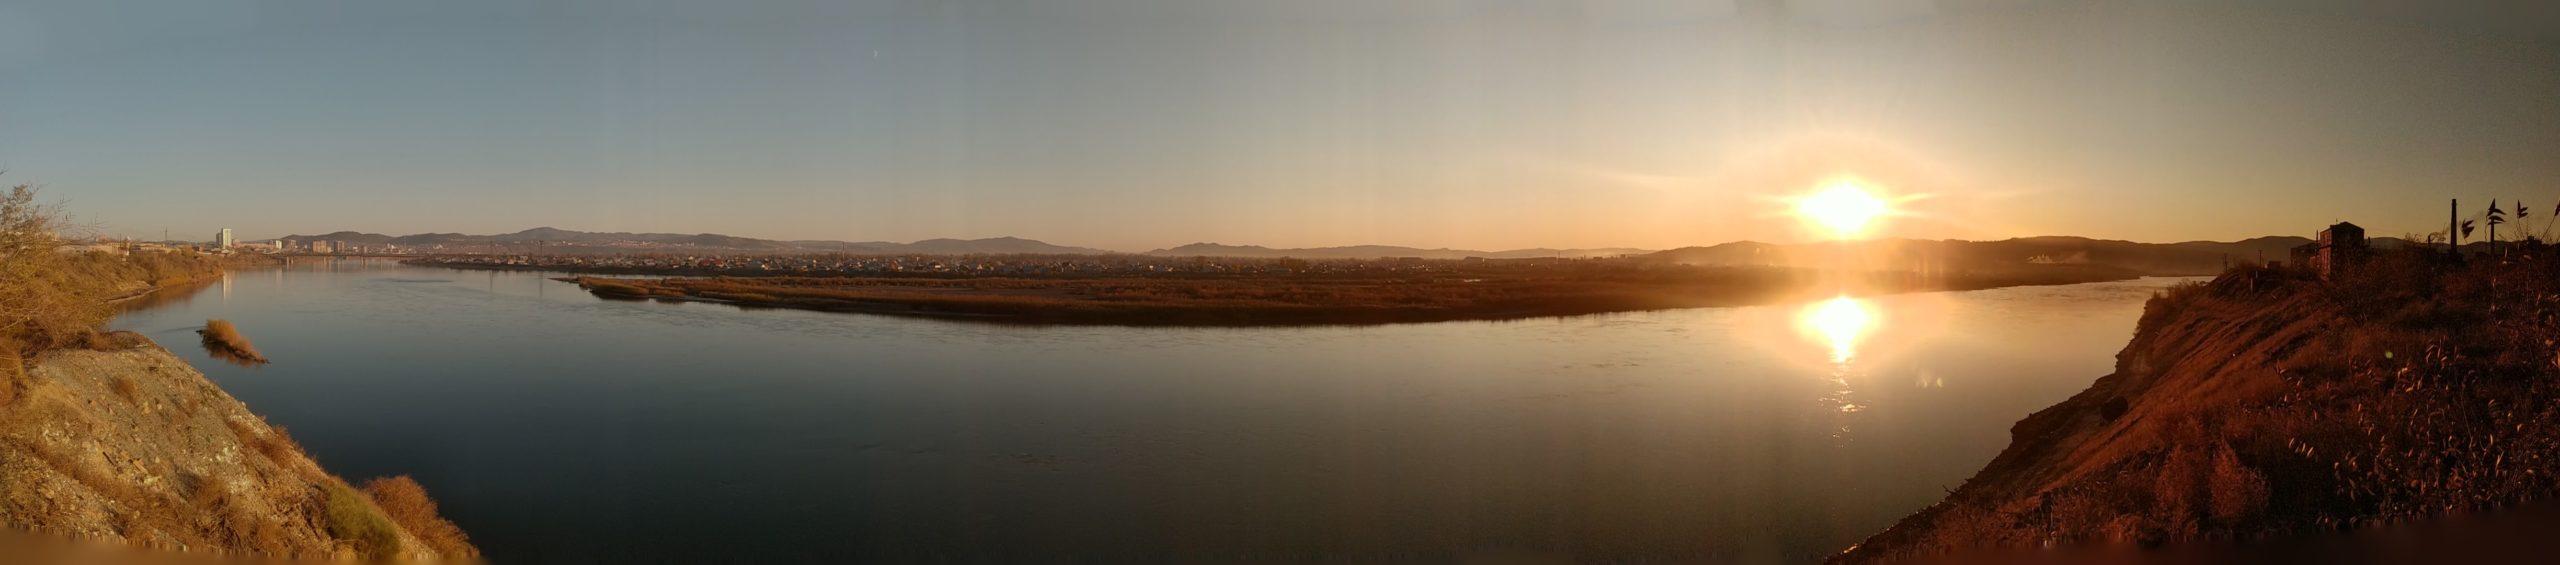 Панорамные фото. Селенга